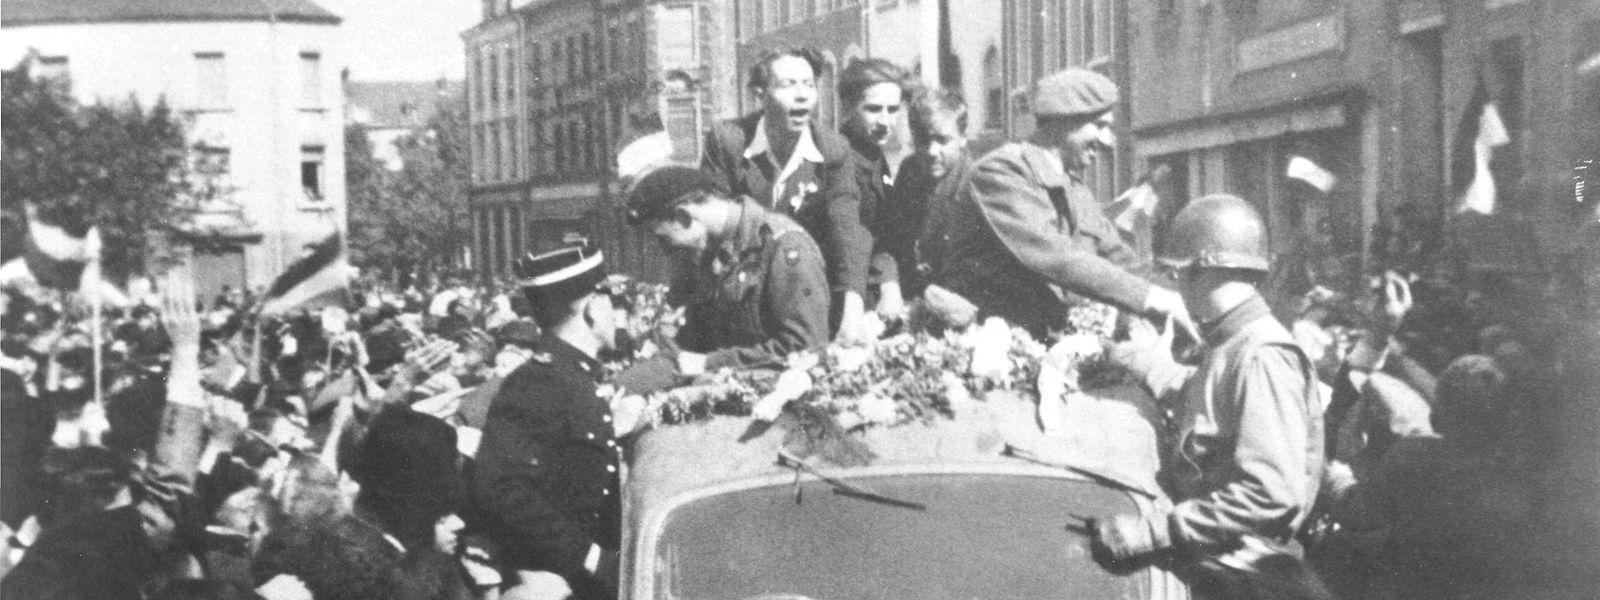 Die Bevölkerung bereitete Prinz Félix und Prinz Jean einen begeisterten Empfang vor fast 75 Jahren, am 12. September 1944.